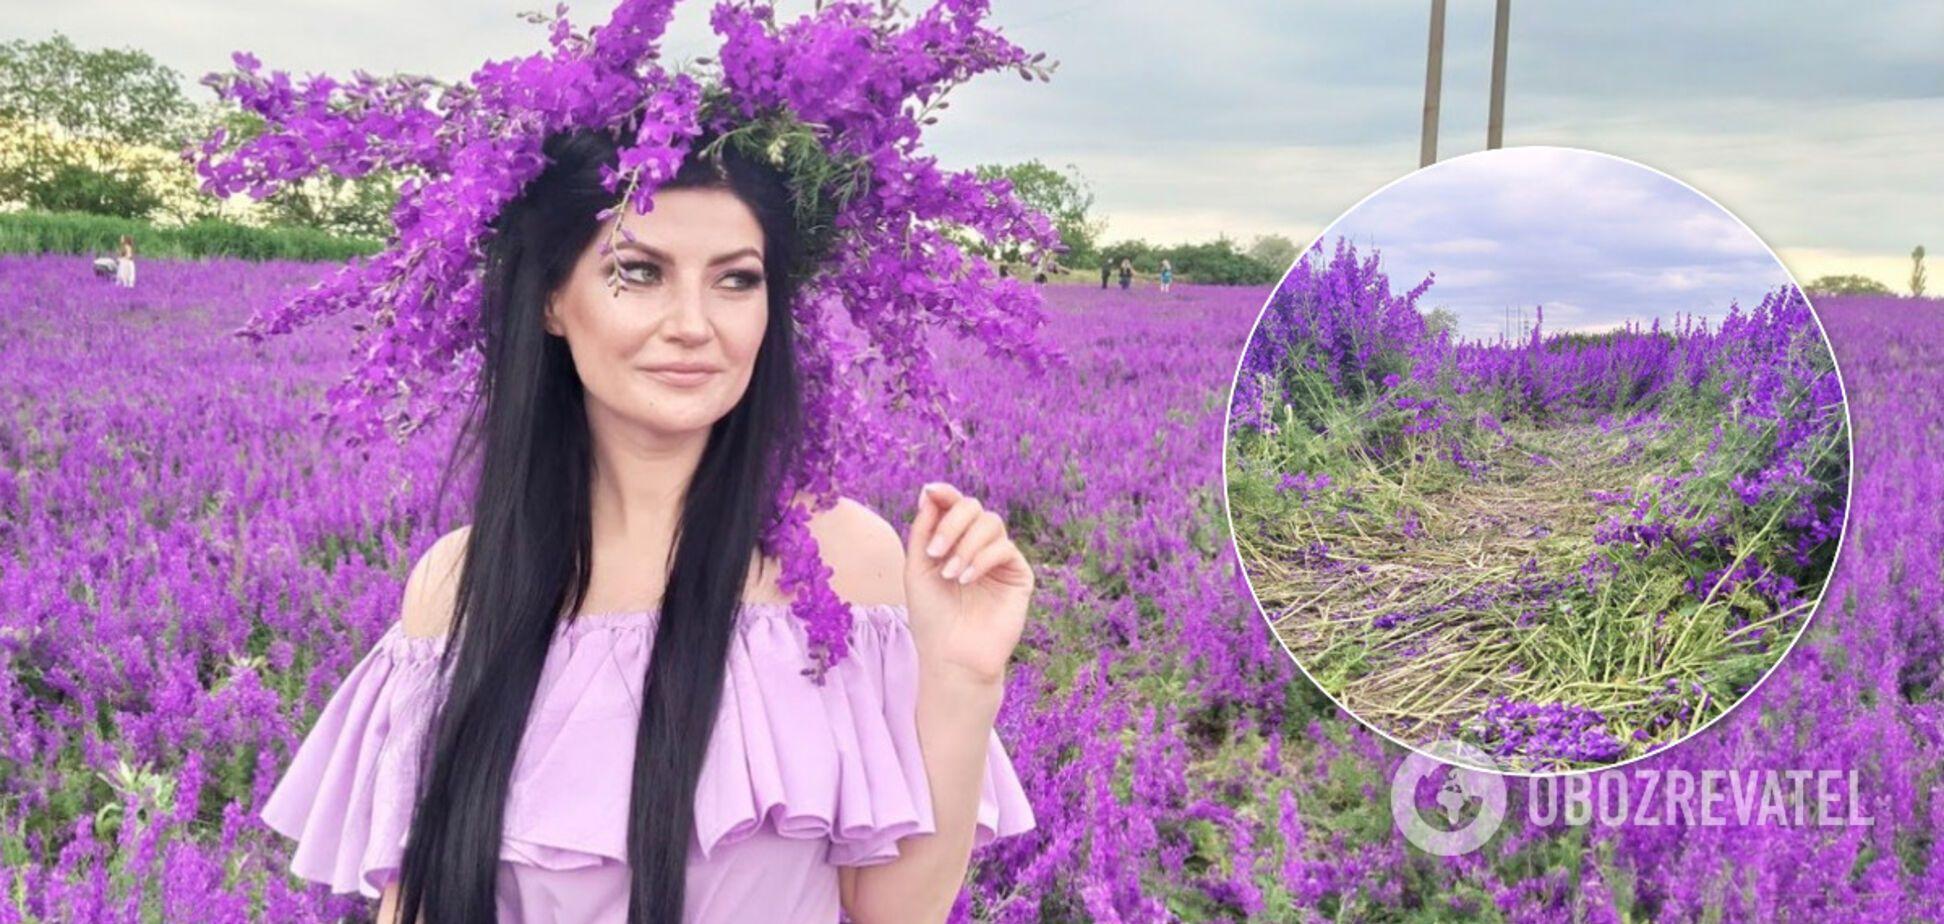 Под Одессой любители селфи уничтожили уникальное 'фиолетовое поле': фото и видео